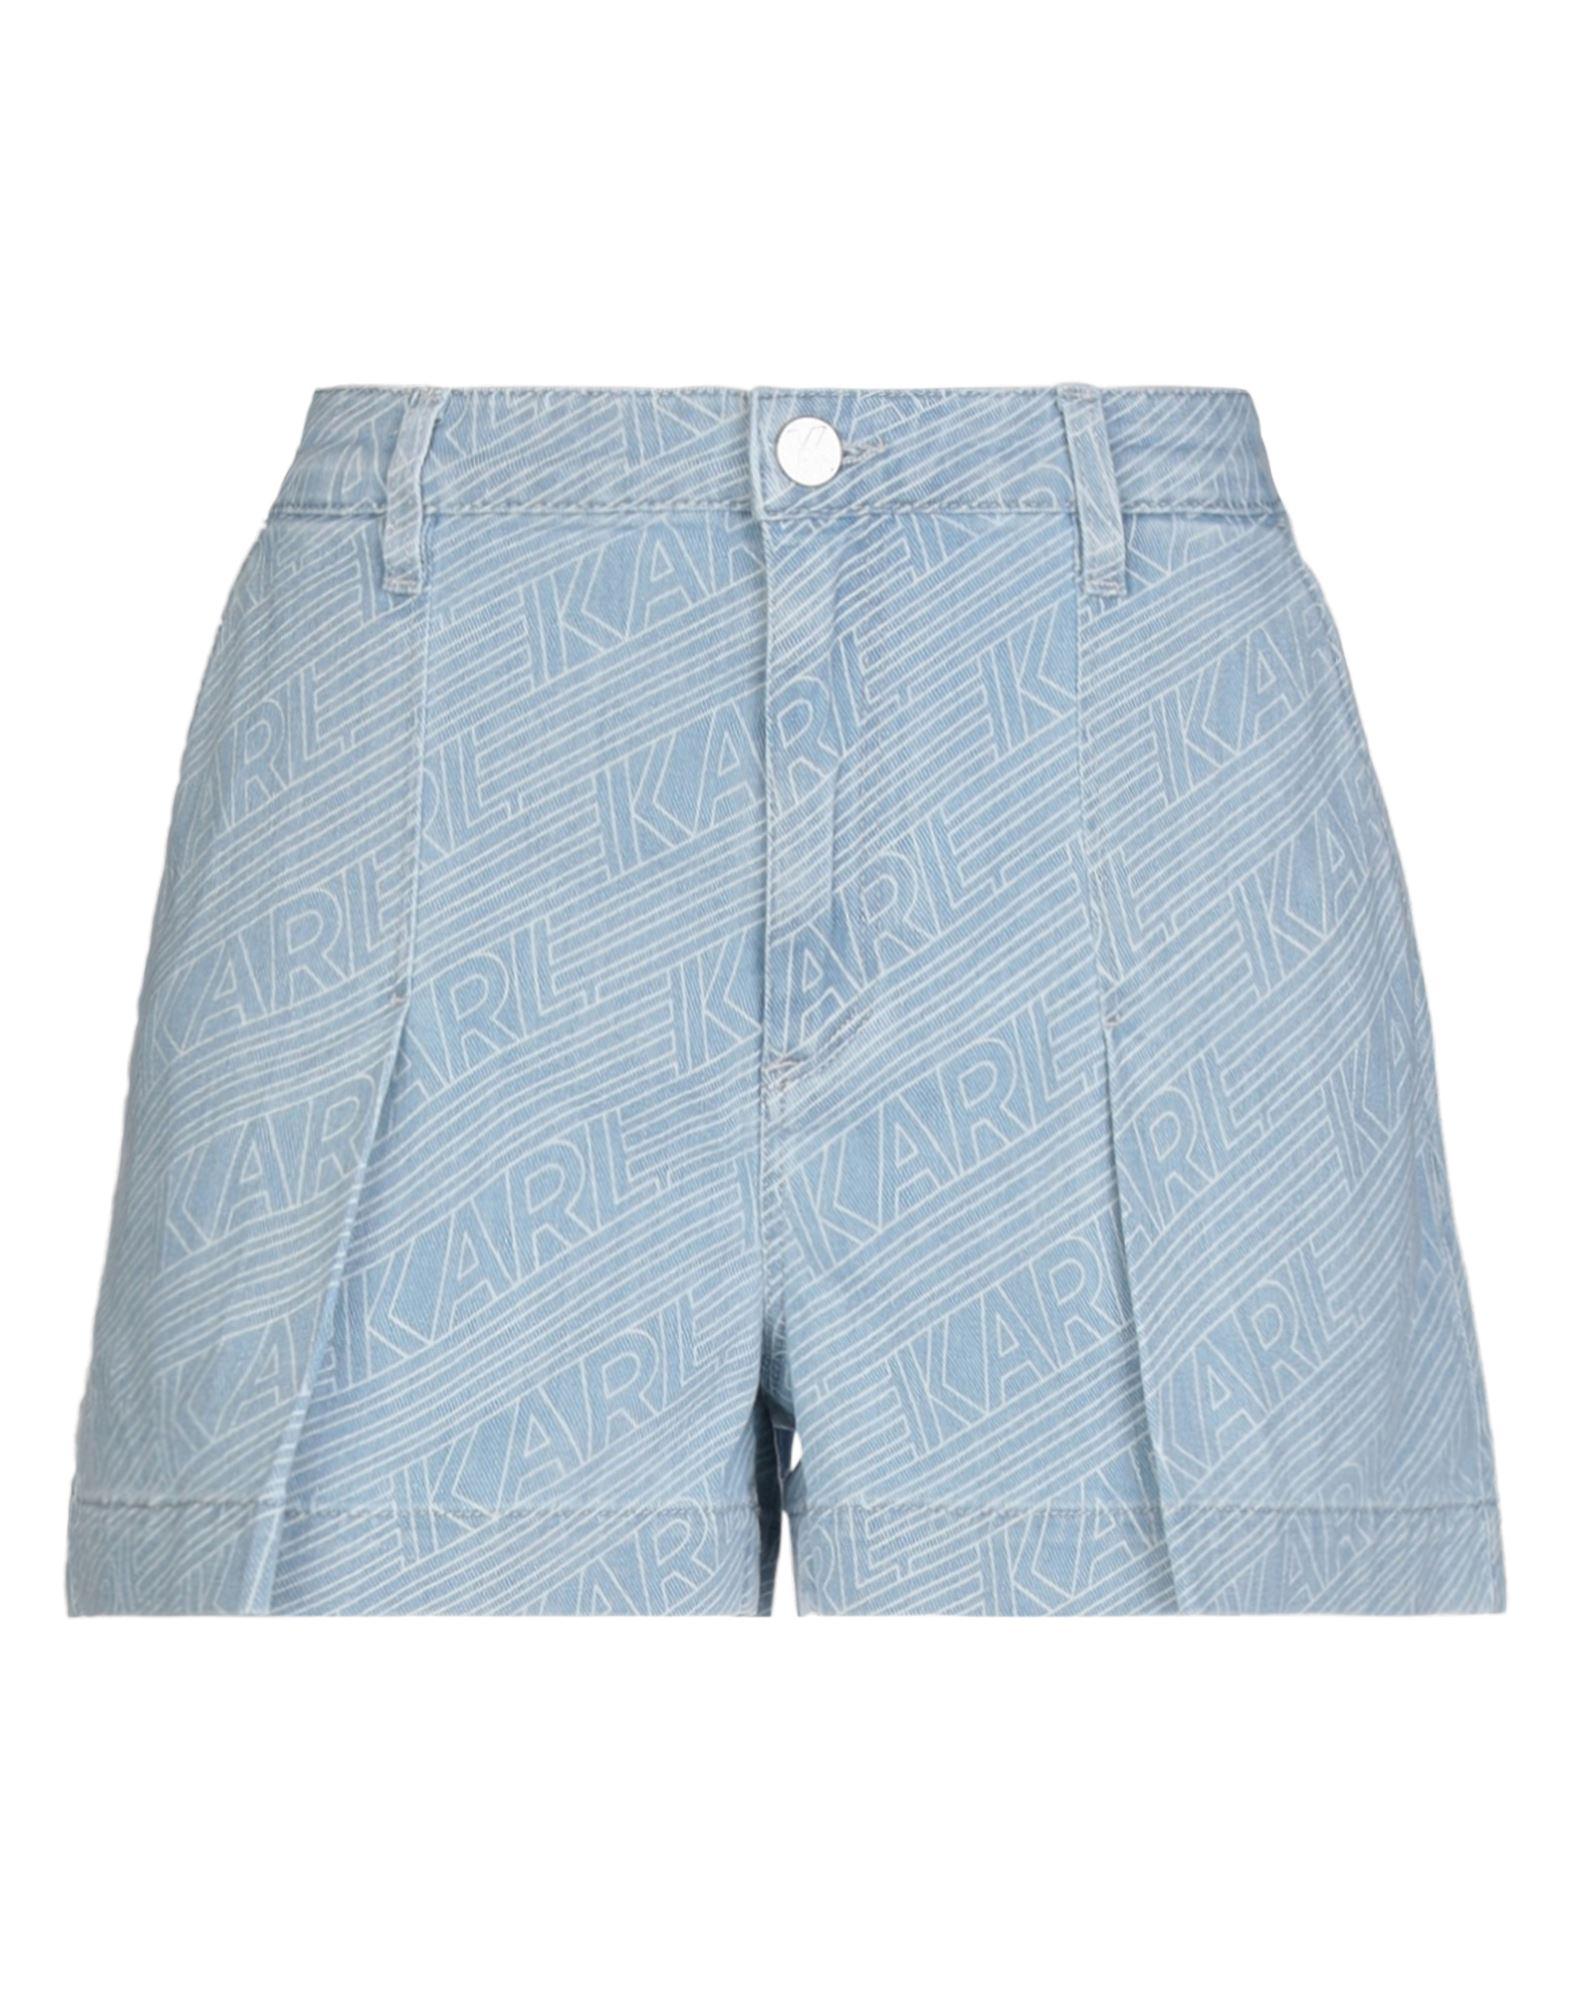 Фото - KARL LAGERFELD Джинсовые шорты please джинсовые шорты